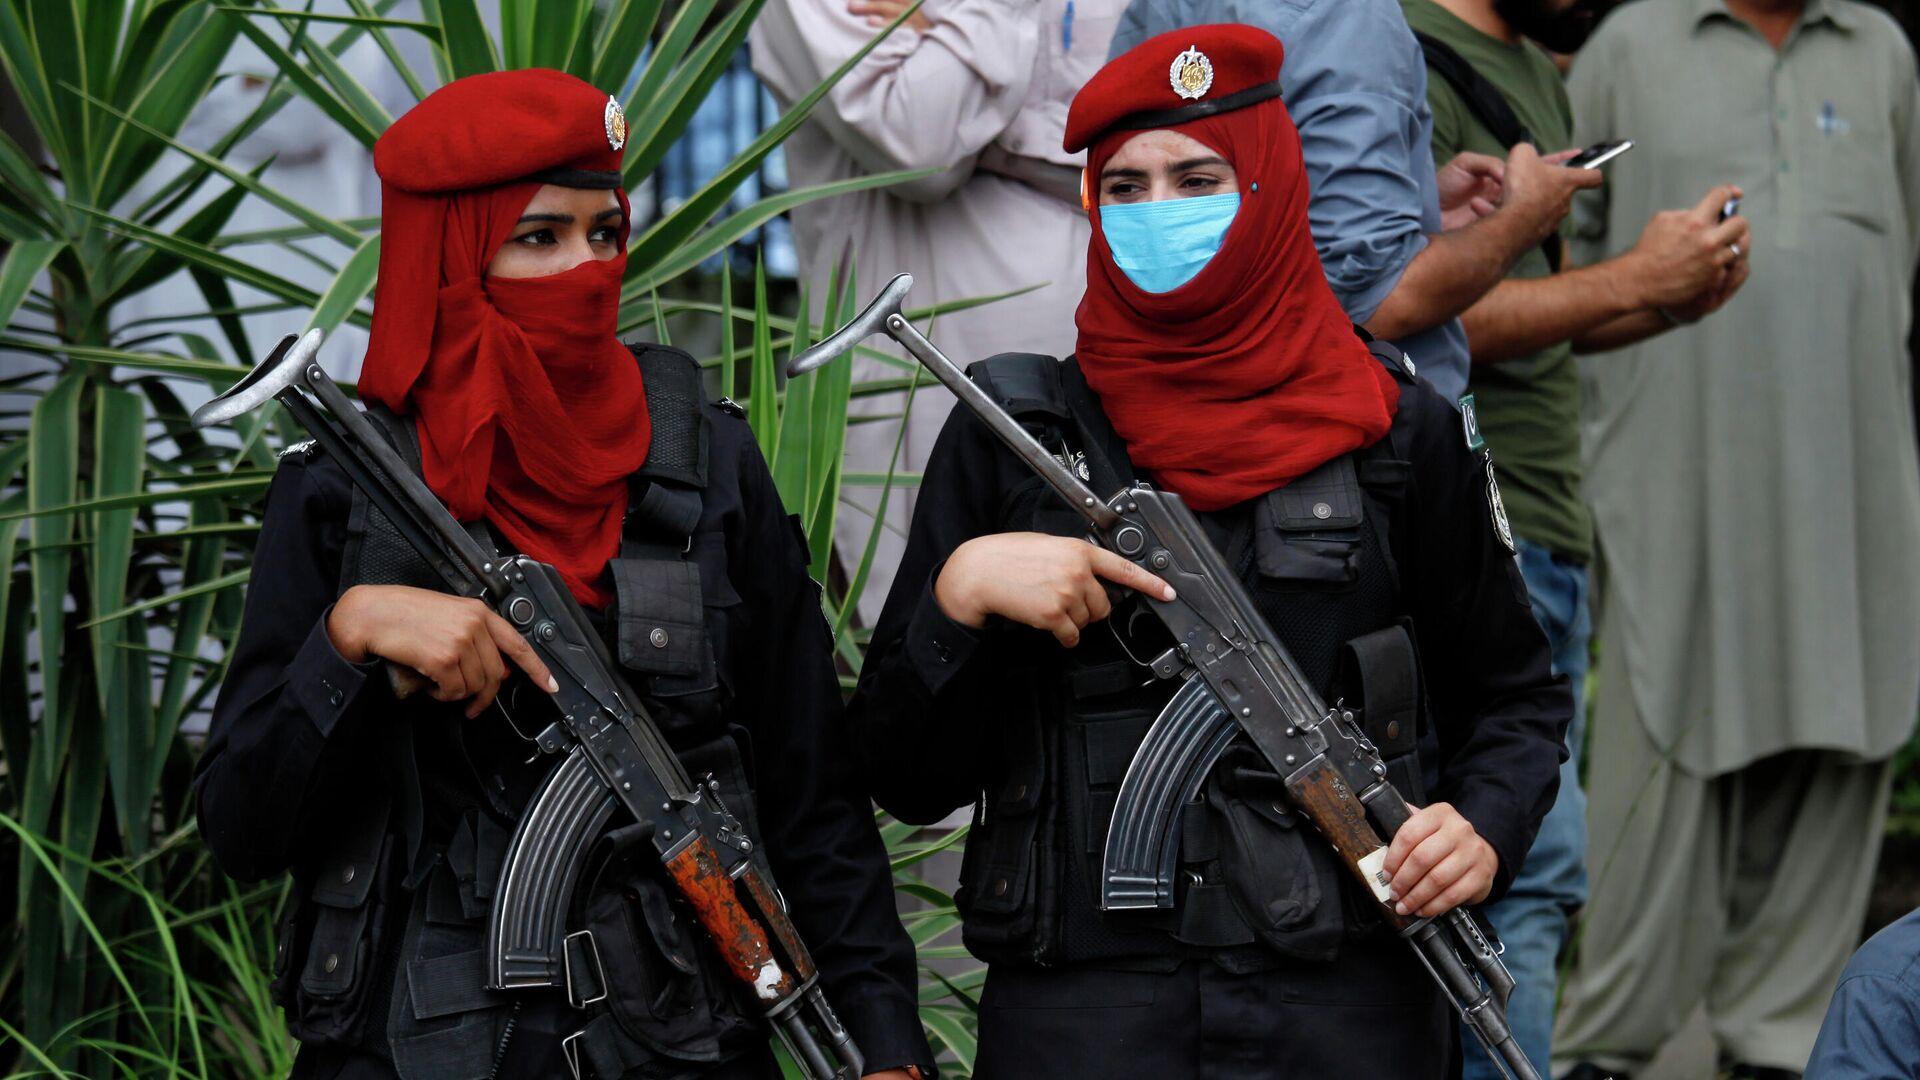 Пакистанские женщины-полицейские - РИА Новости, 1920, 30.07.2021